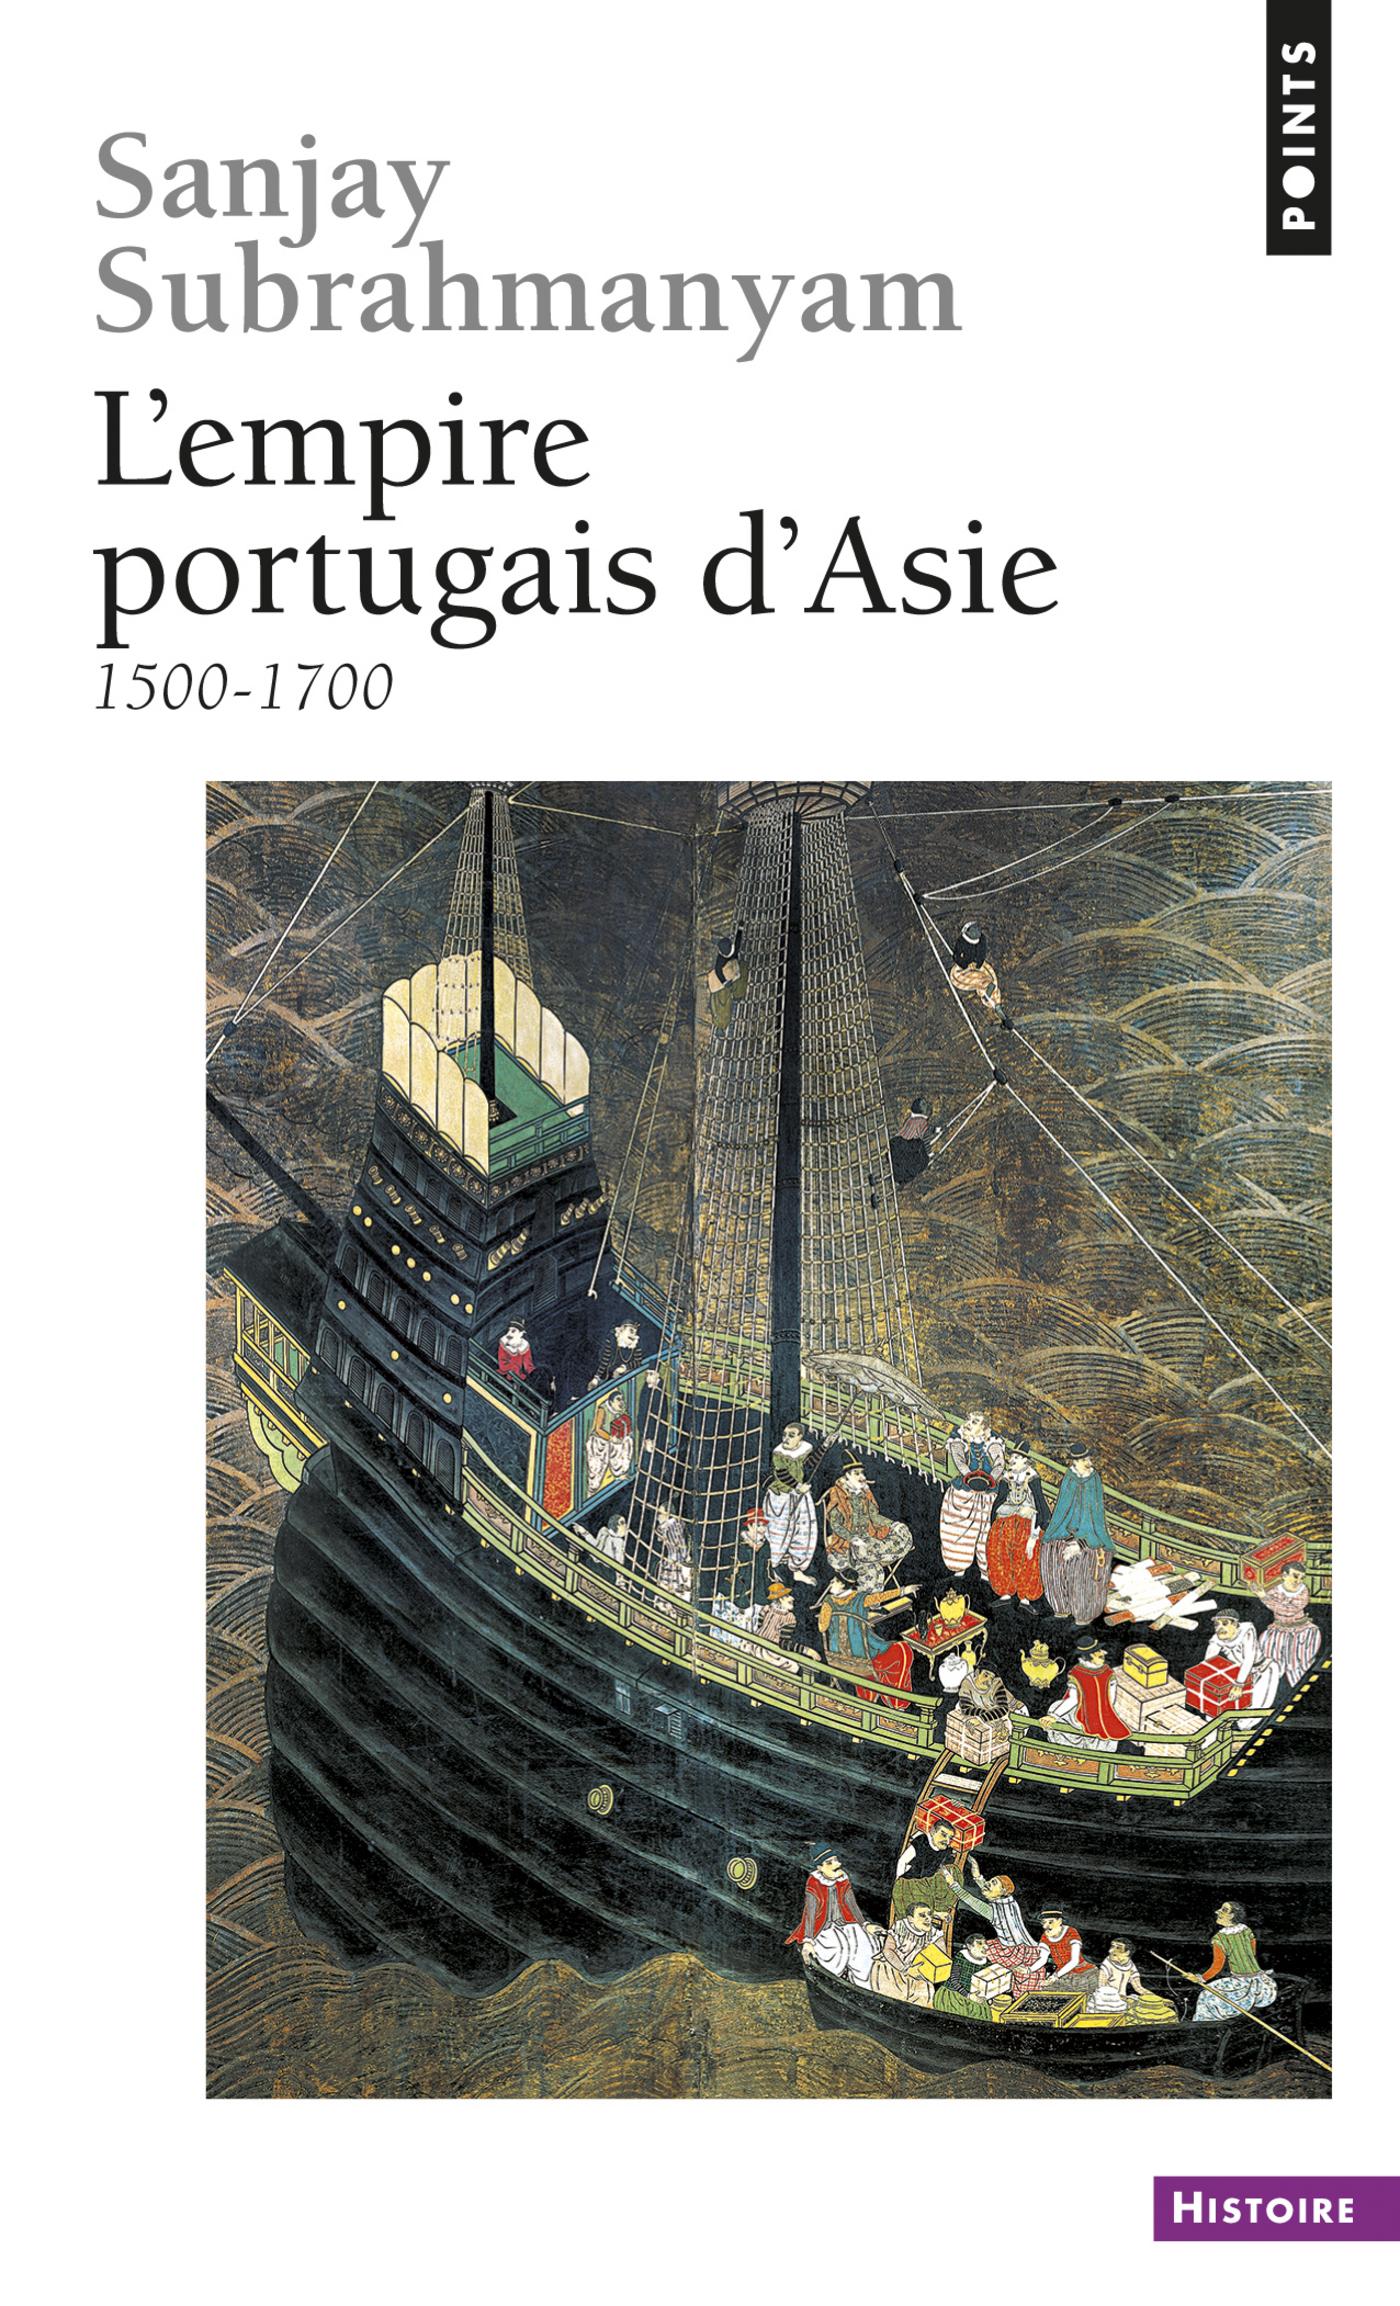 L'Empire portugais d'Asie. (1500-1700)